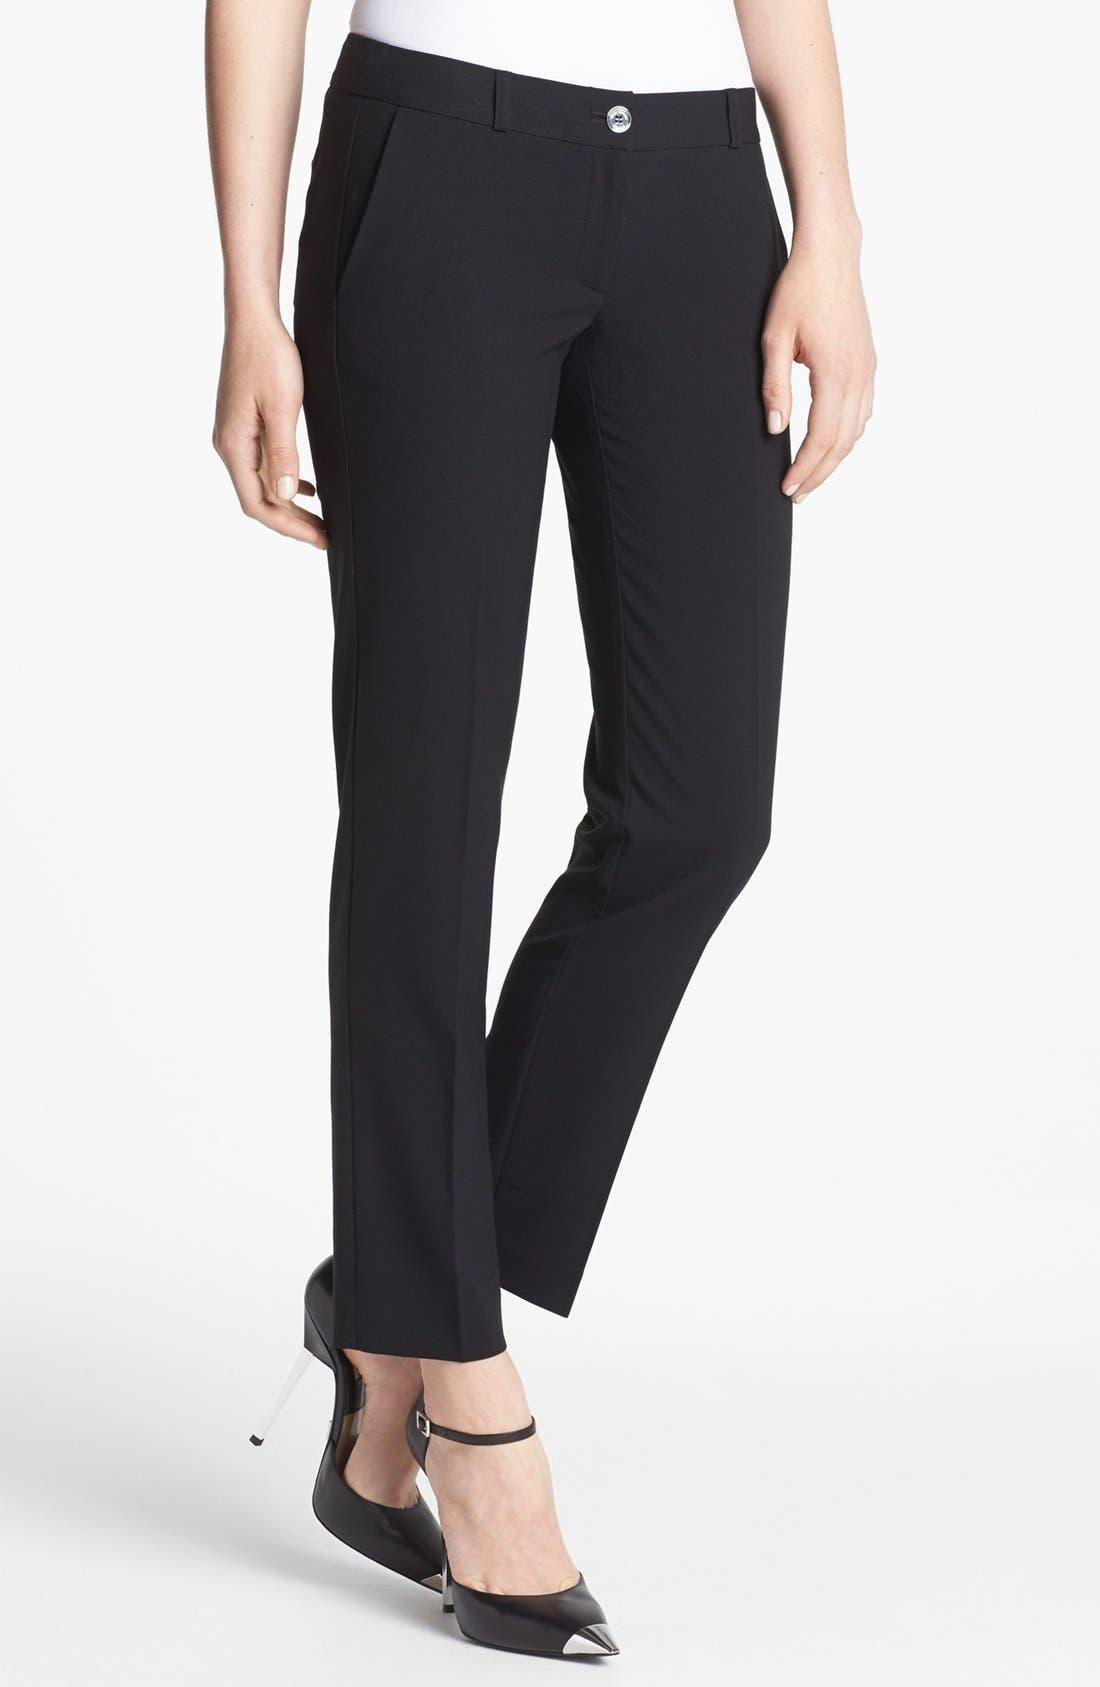 Alternate Image 1 Selected - MICHAEL Michael Kors 'Miranda' Stretch Ankle Pants (Regular & Petite)